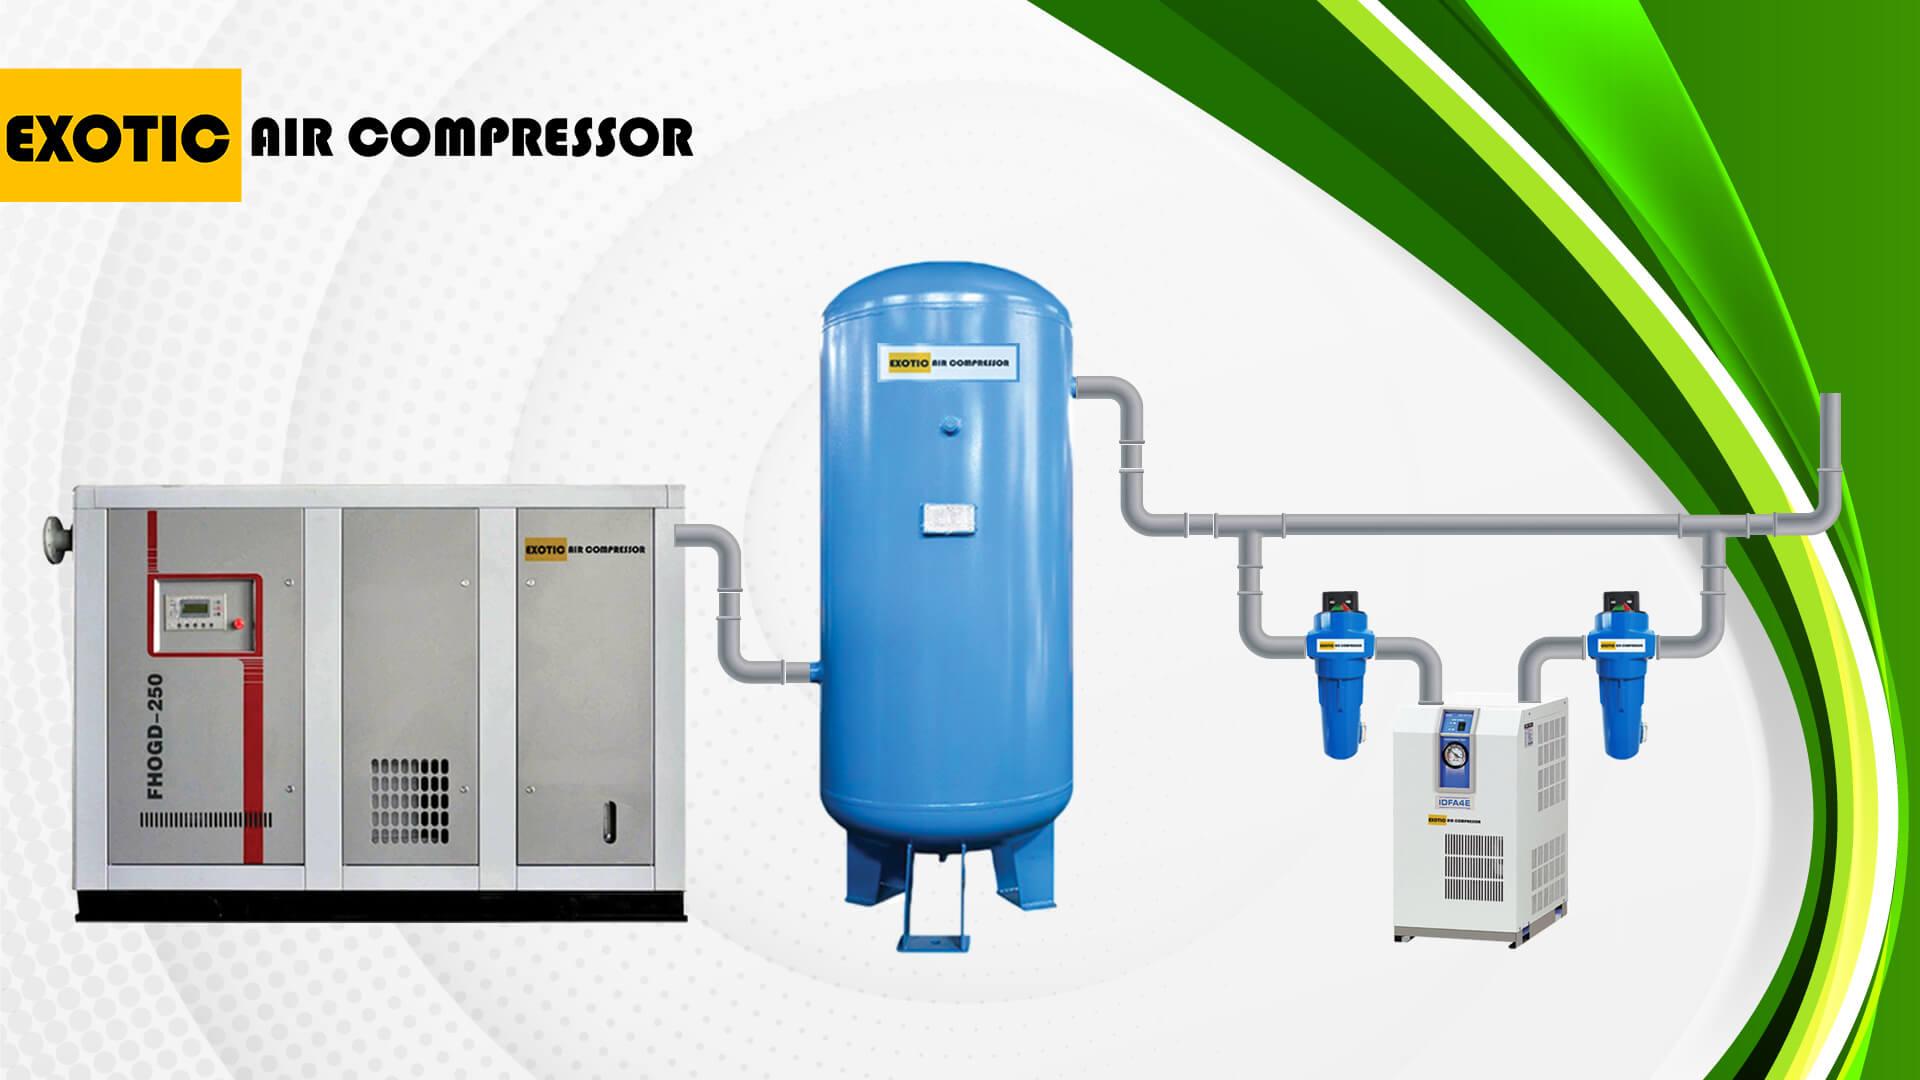 exotic-compressor-1